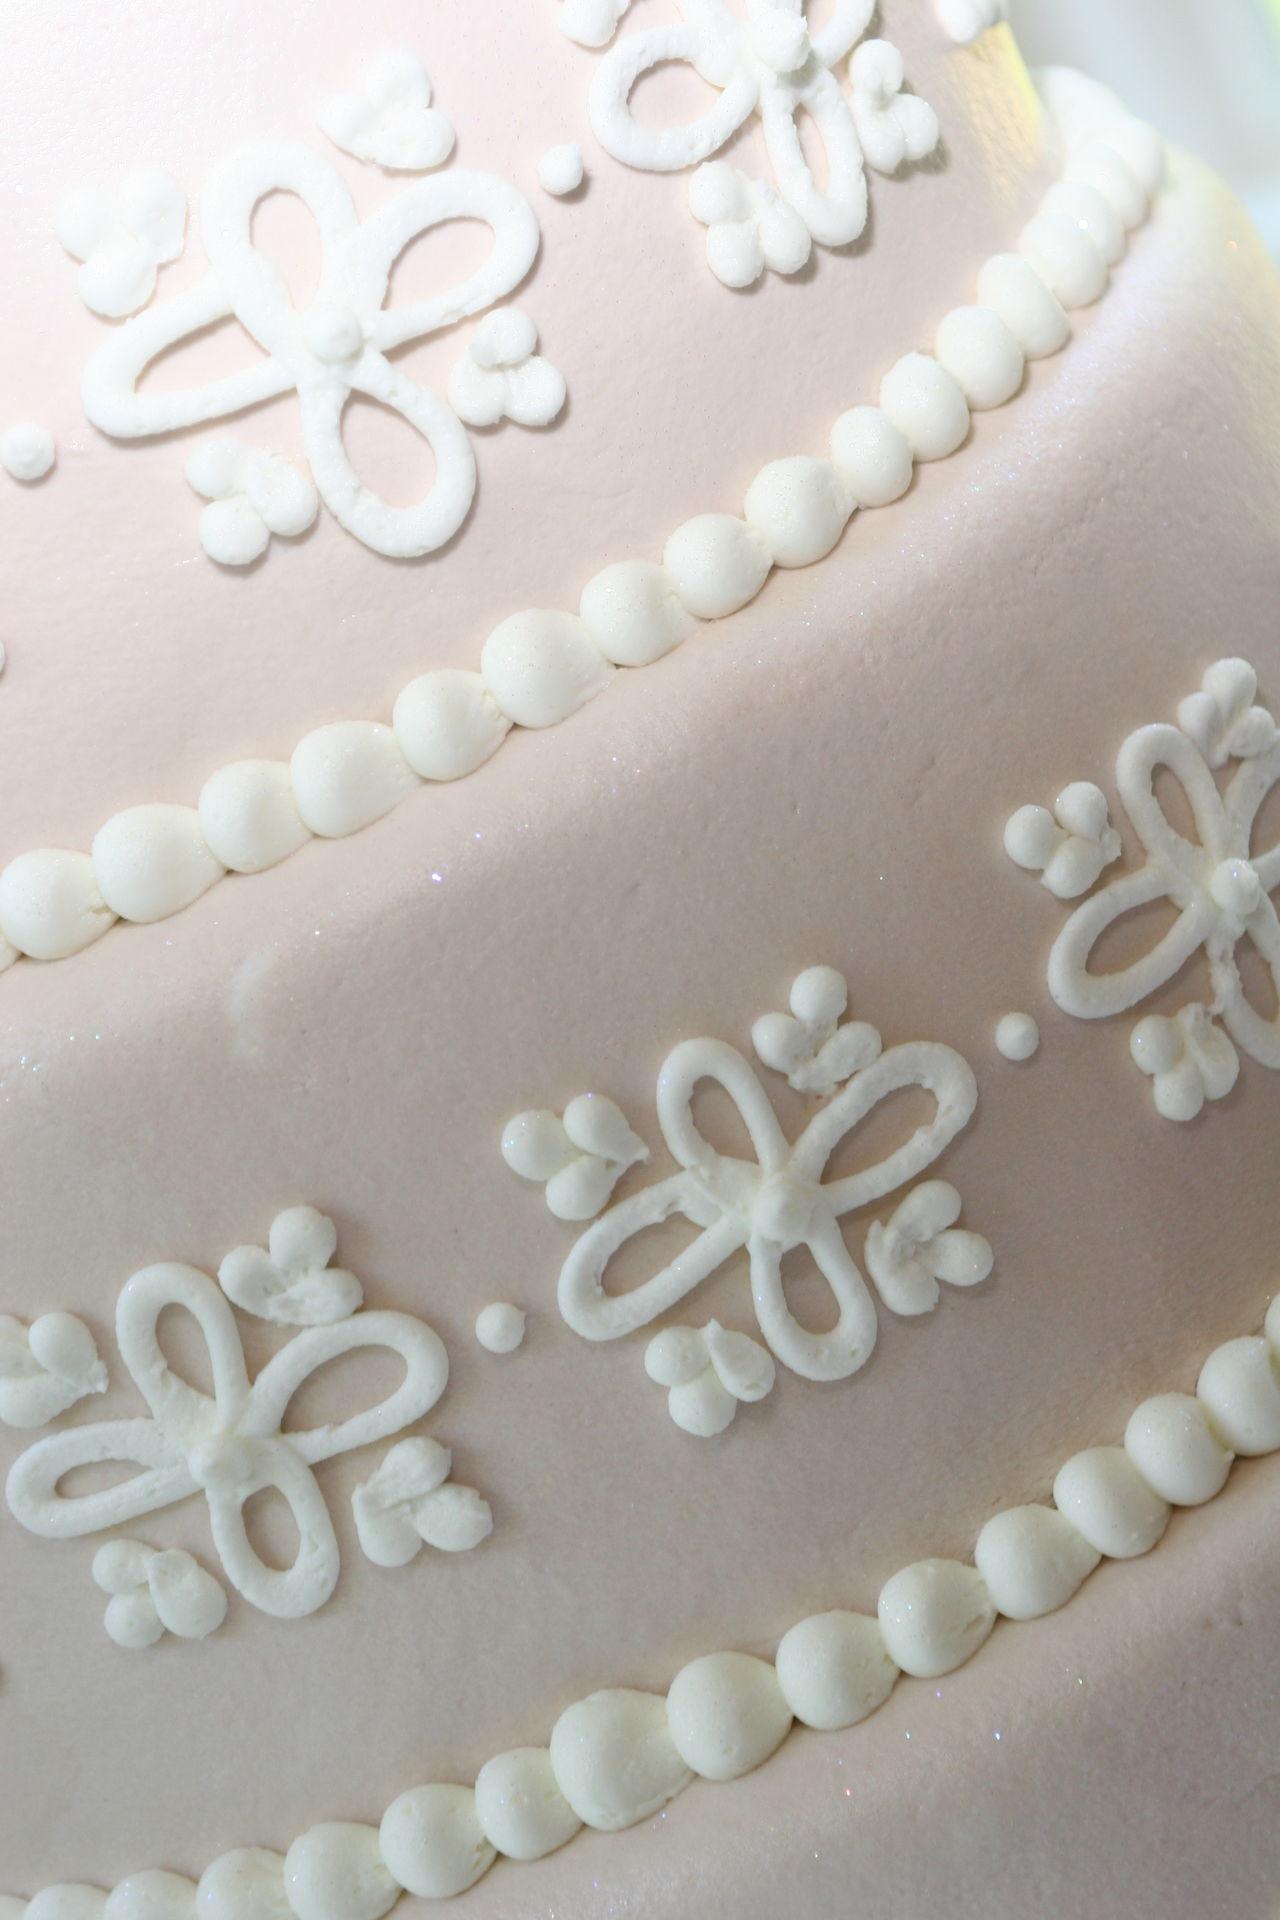 Beautiful stock photos of wedding cake,  Backgrounds,  Cake,  Celebration,  Close-Up